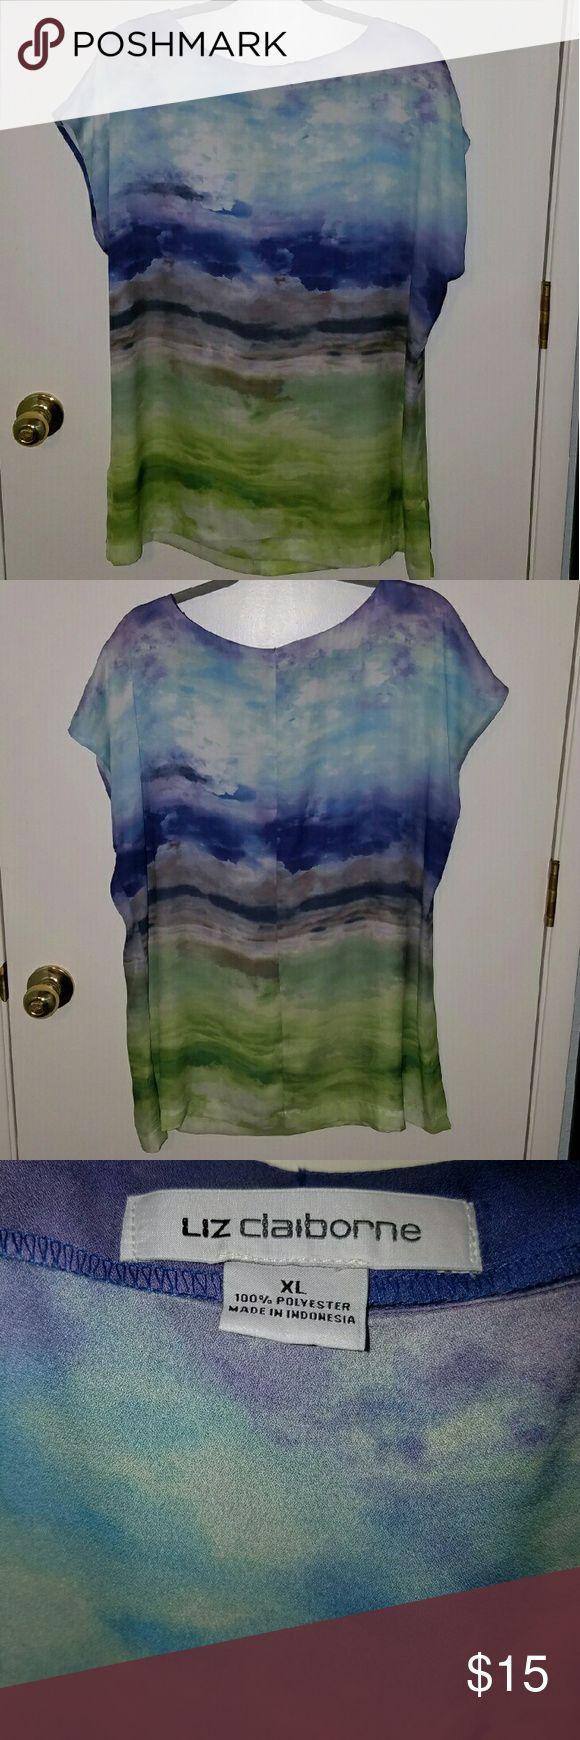 Liz Claiborne short sleeve blouse Liz Claiborne short sleeve blouse. Looks like a water color painting. Excellent condition. Liz Claiborne Tops Blouses